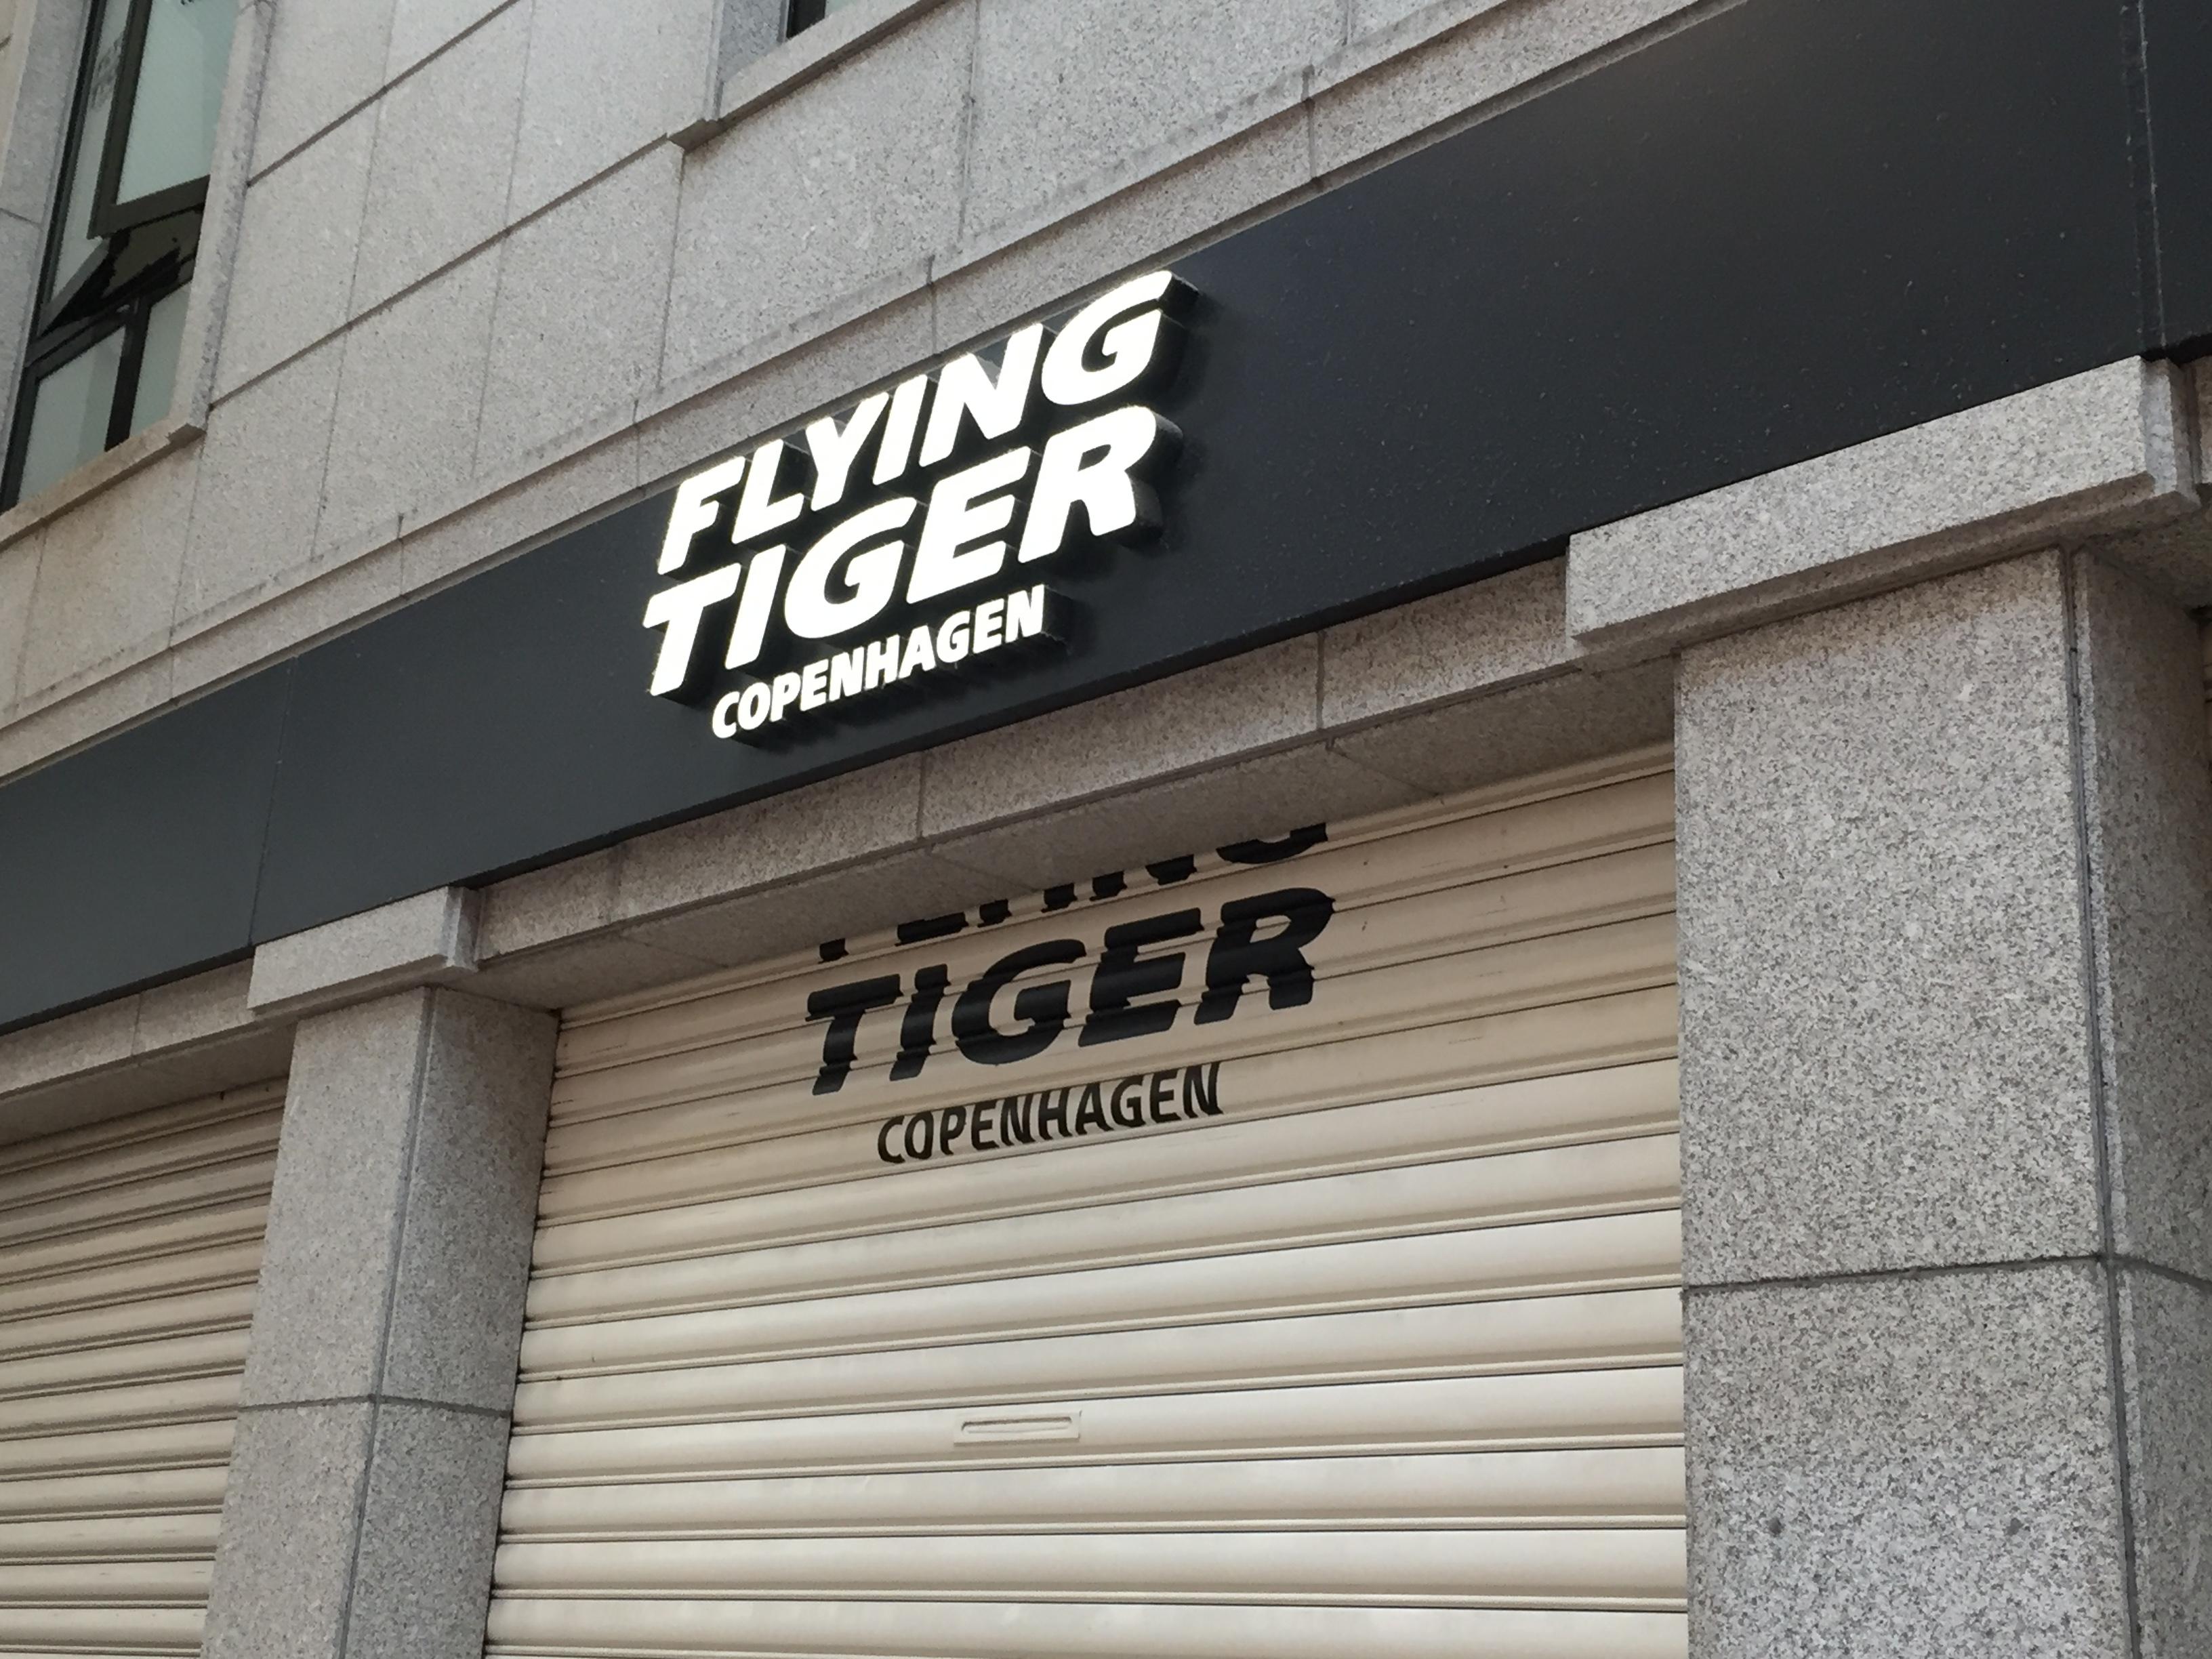 神戸・三宮センター街の「フライング タイガー コペンハーゲン 三宮ストア」が8/31で閉店したよ #フライングタイガー